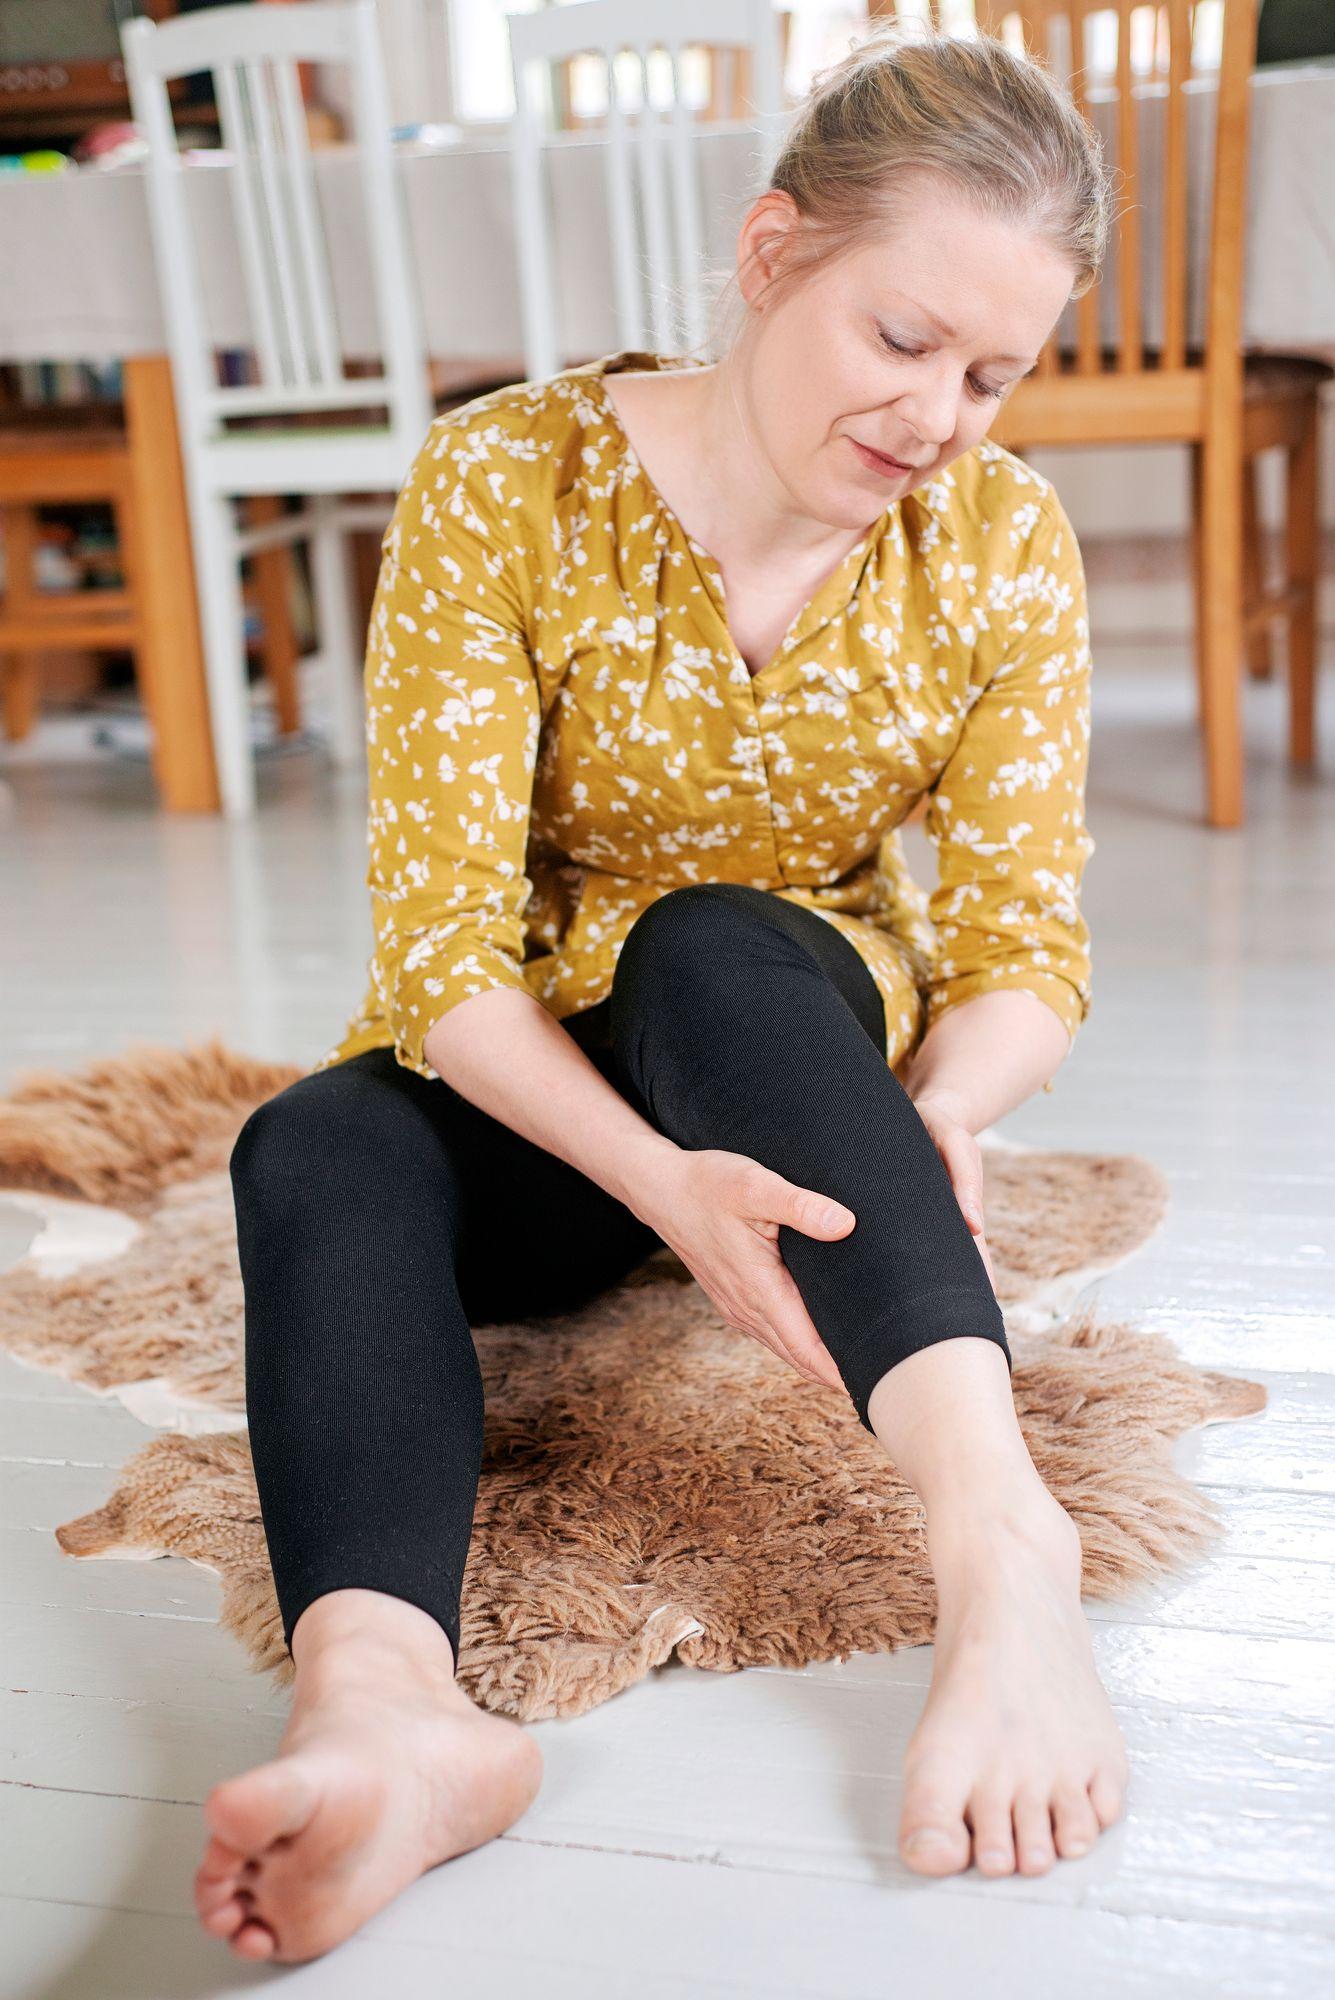 Johanna Tanska korostaa, että kosketuksen välityksellä ihminen tuntee olevansa olemassa ja elossa. Hyvään kosketukseen ei välttämättä vaadita toista ihmistä. Kotinsa lautalattialla, lampaantaljalla maatessaan Johanna Tanska tuntee luonnonmateriaalien rentouttavan vaikutuksen. © Linda Varoma